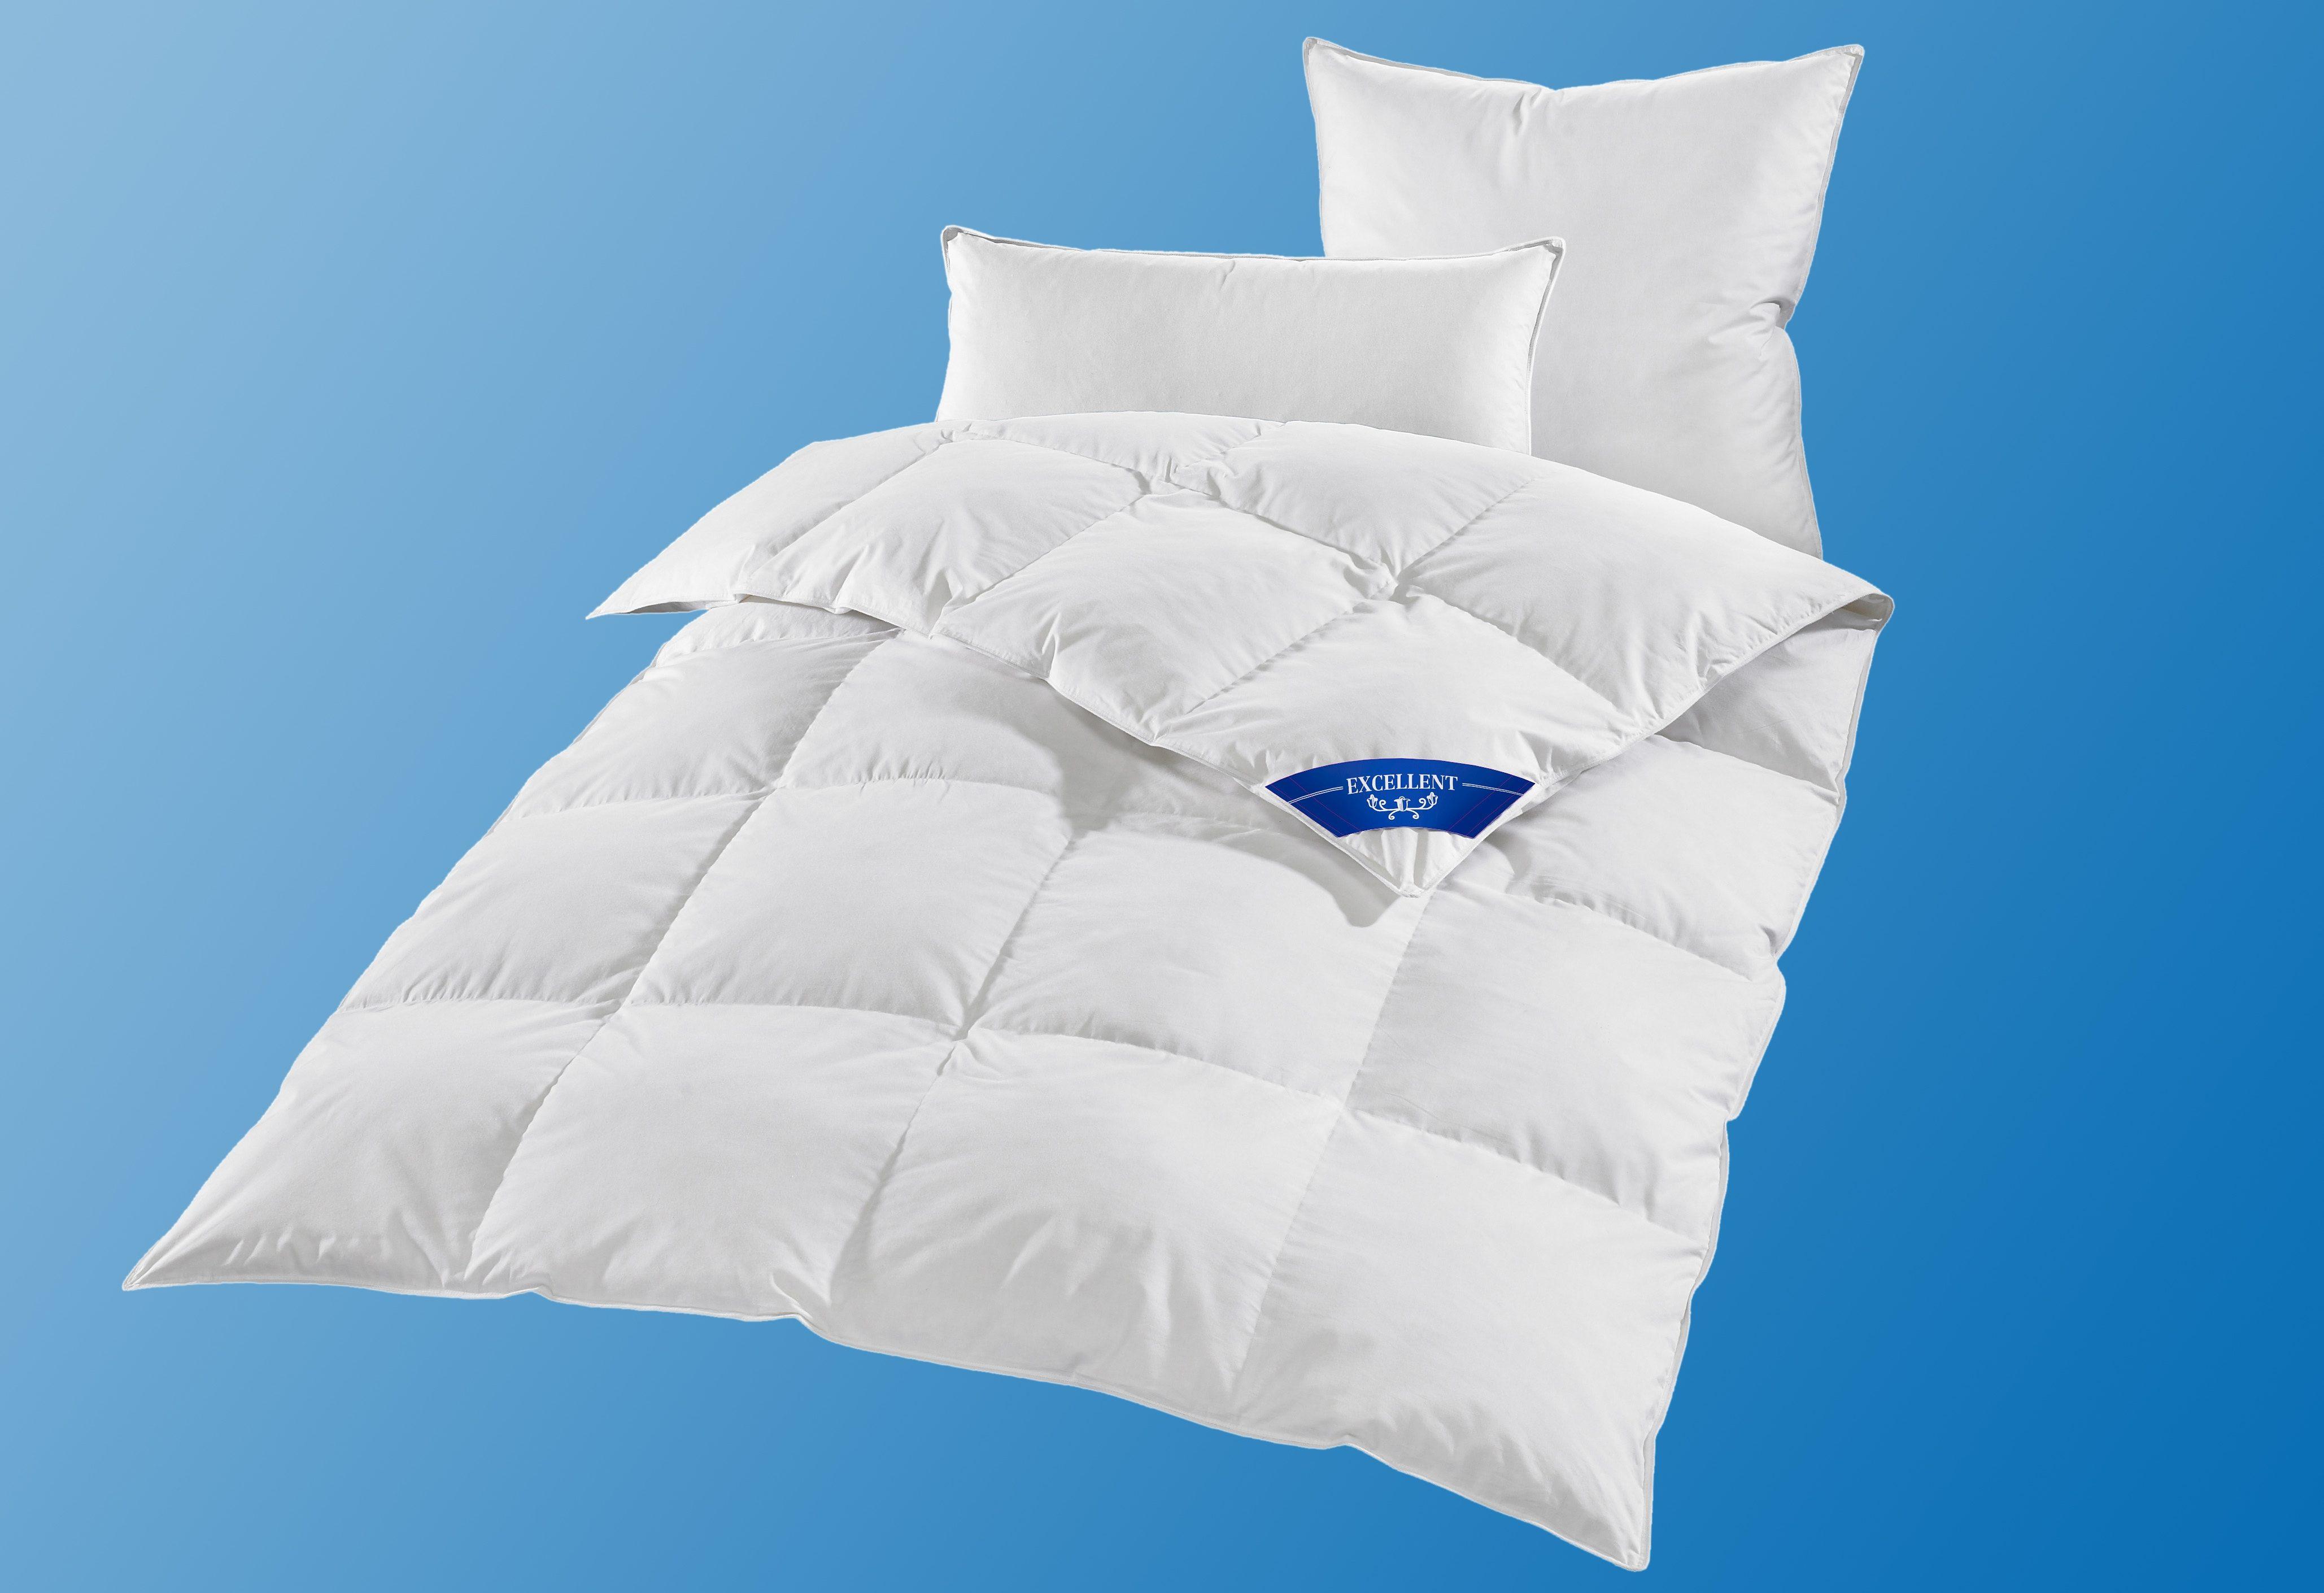 Daunenbettdecke First Class Excellent warm Füllung: 100% Daunen Bezug: 100% Baumwolle